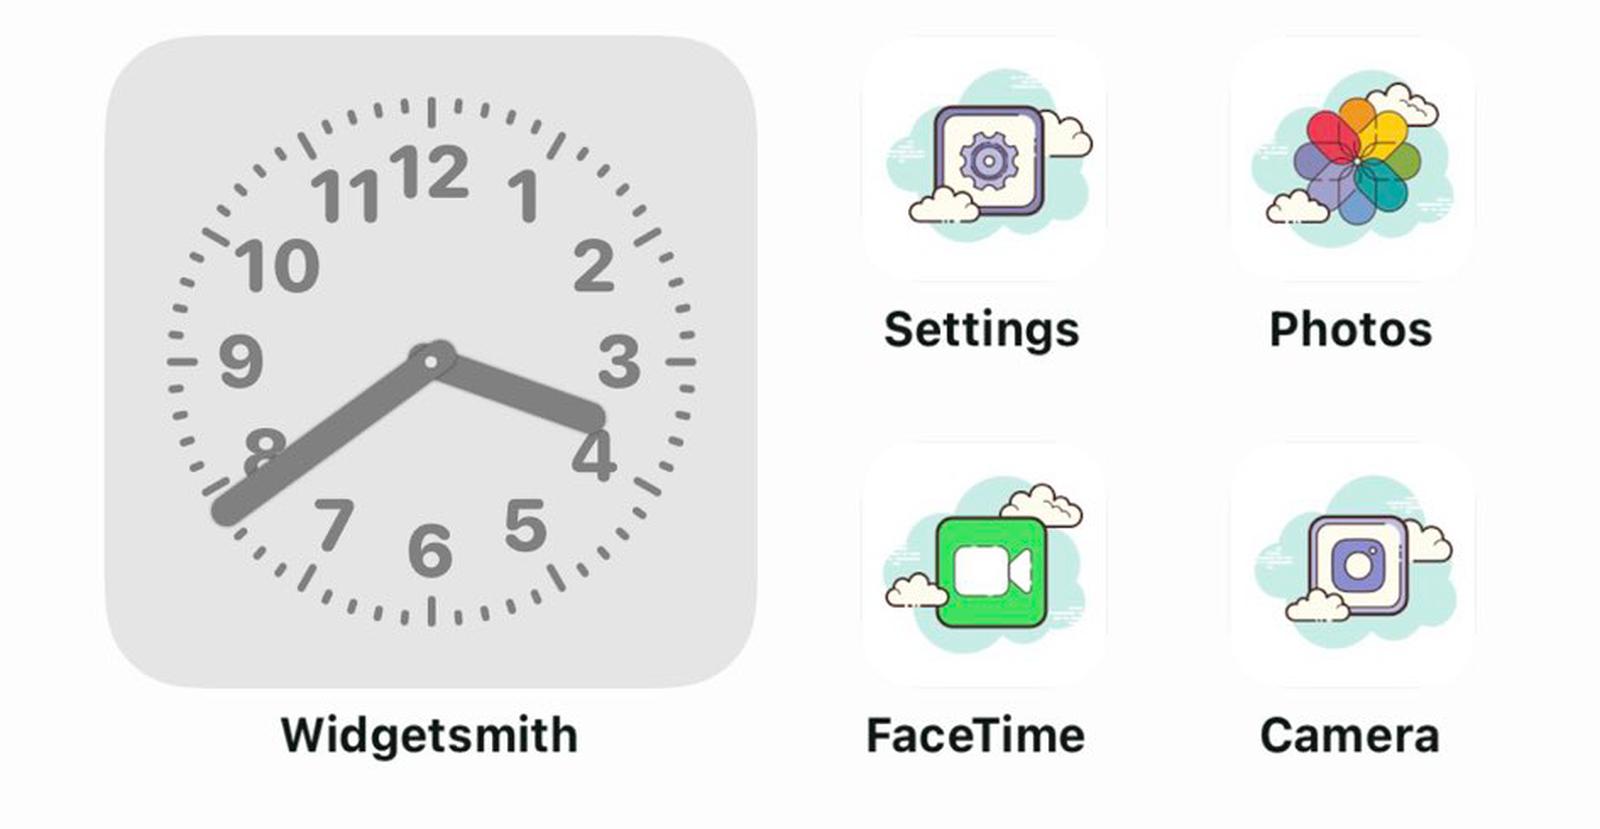 fcb41cfd4565efcc70620094962cefb0 - Voici comment ajouter des icônes d'application personnalisées à l'écran d'accueil, iOS 14